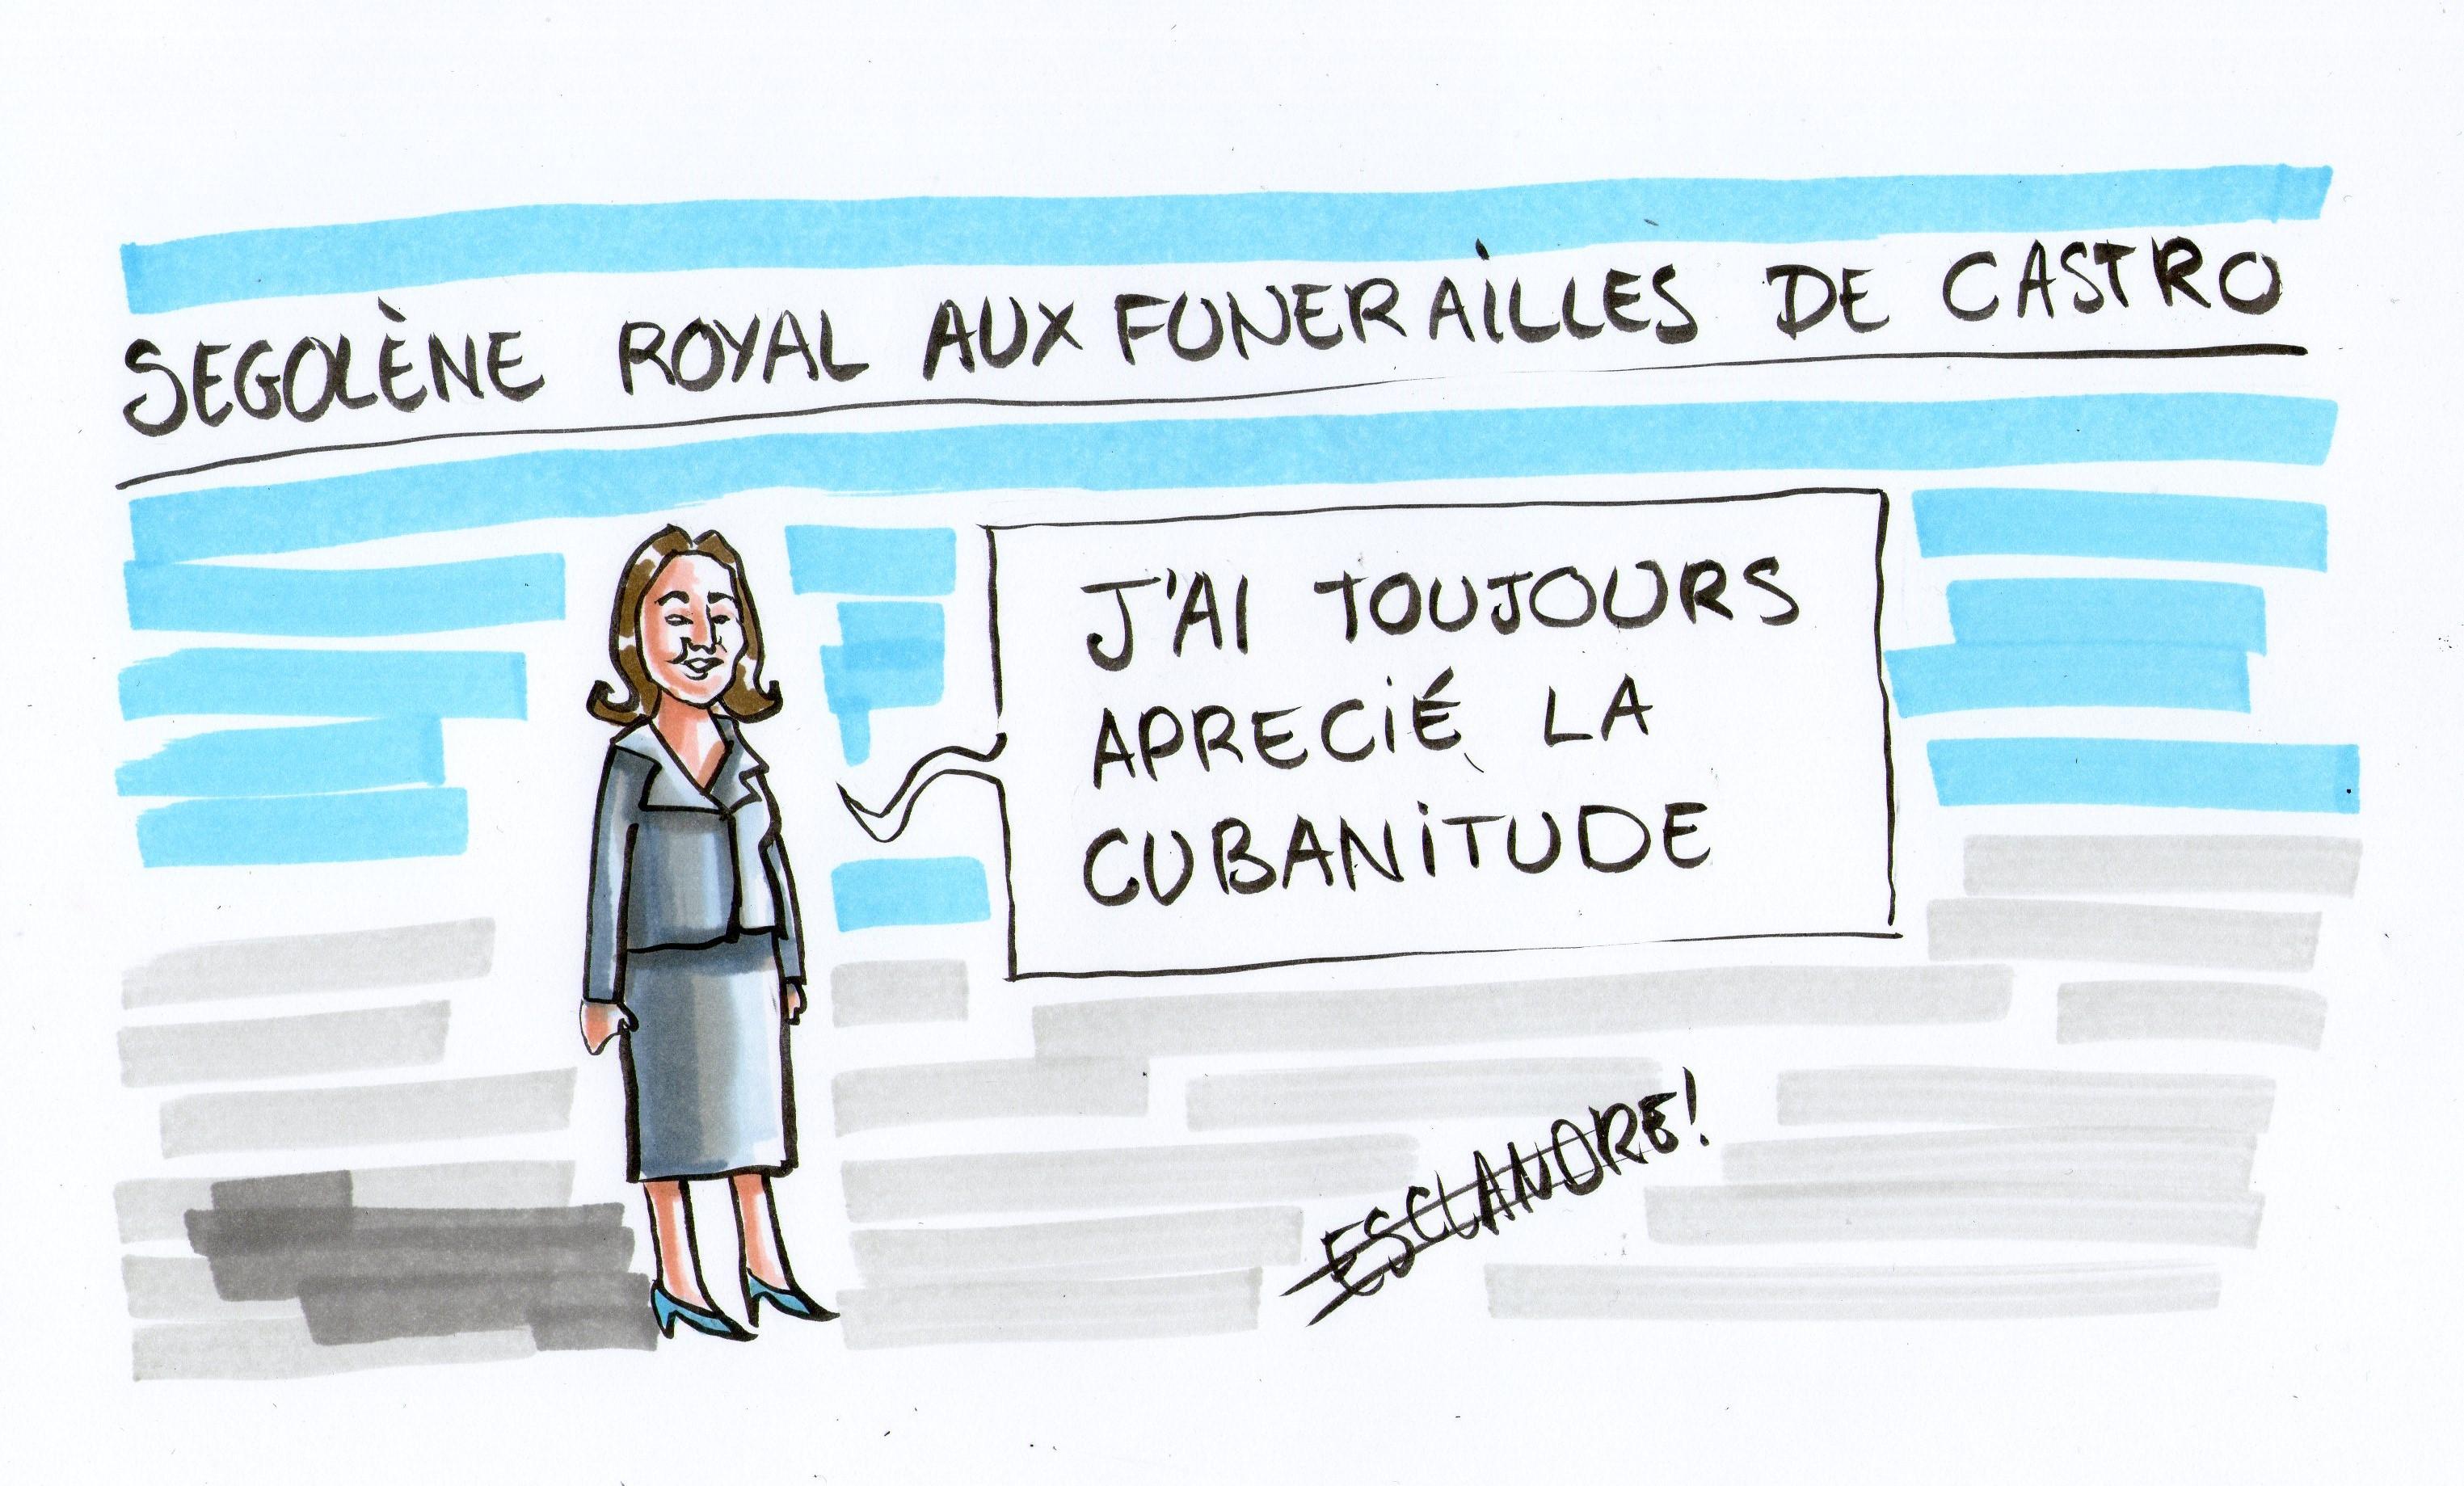 Ségolène Royal aux funérailles de Castro